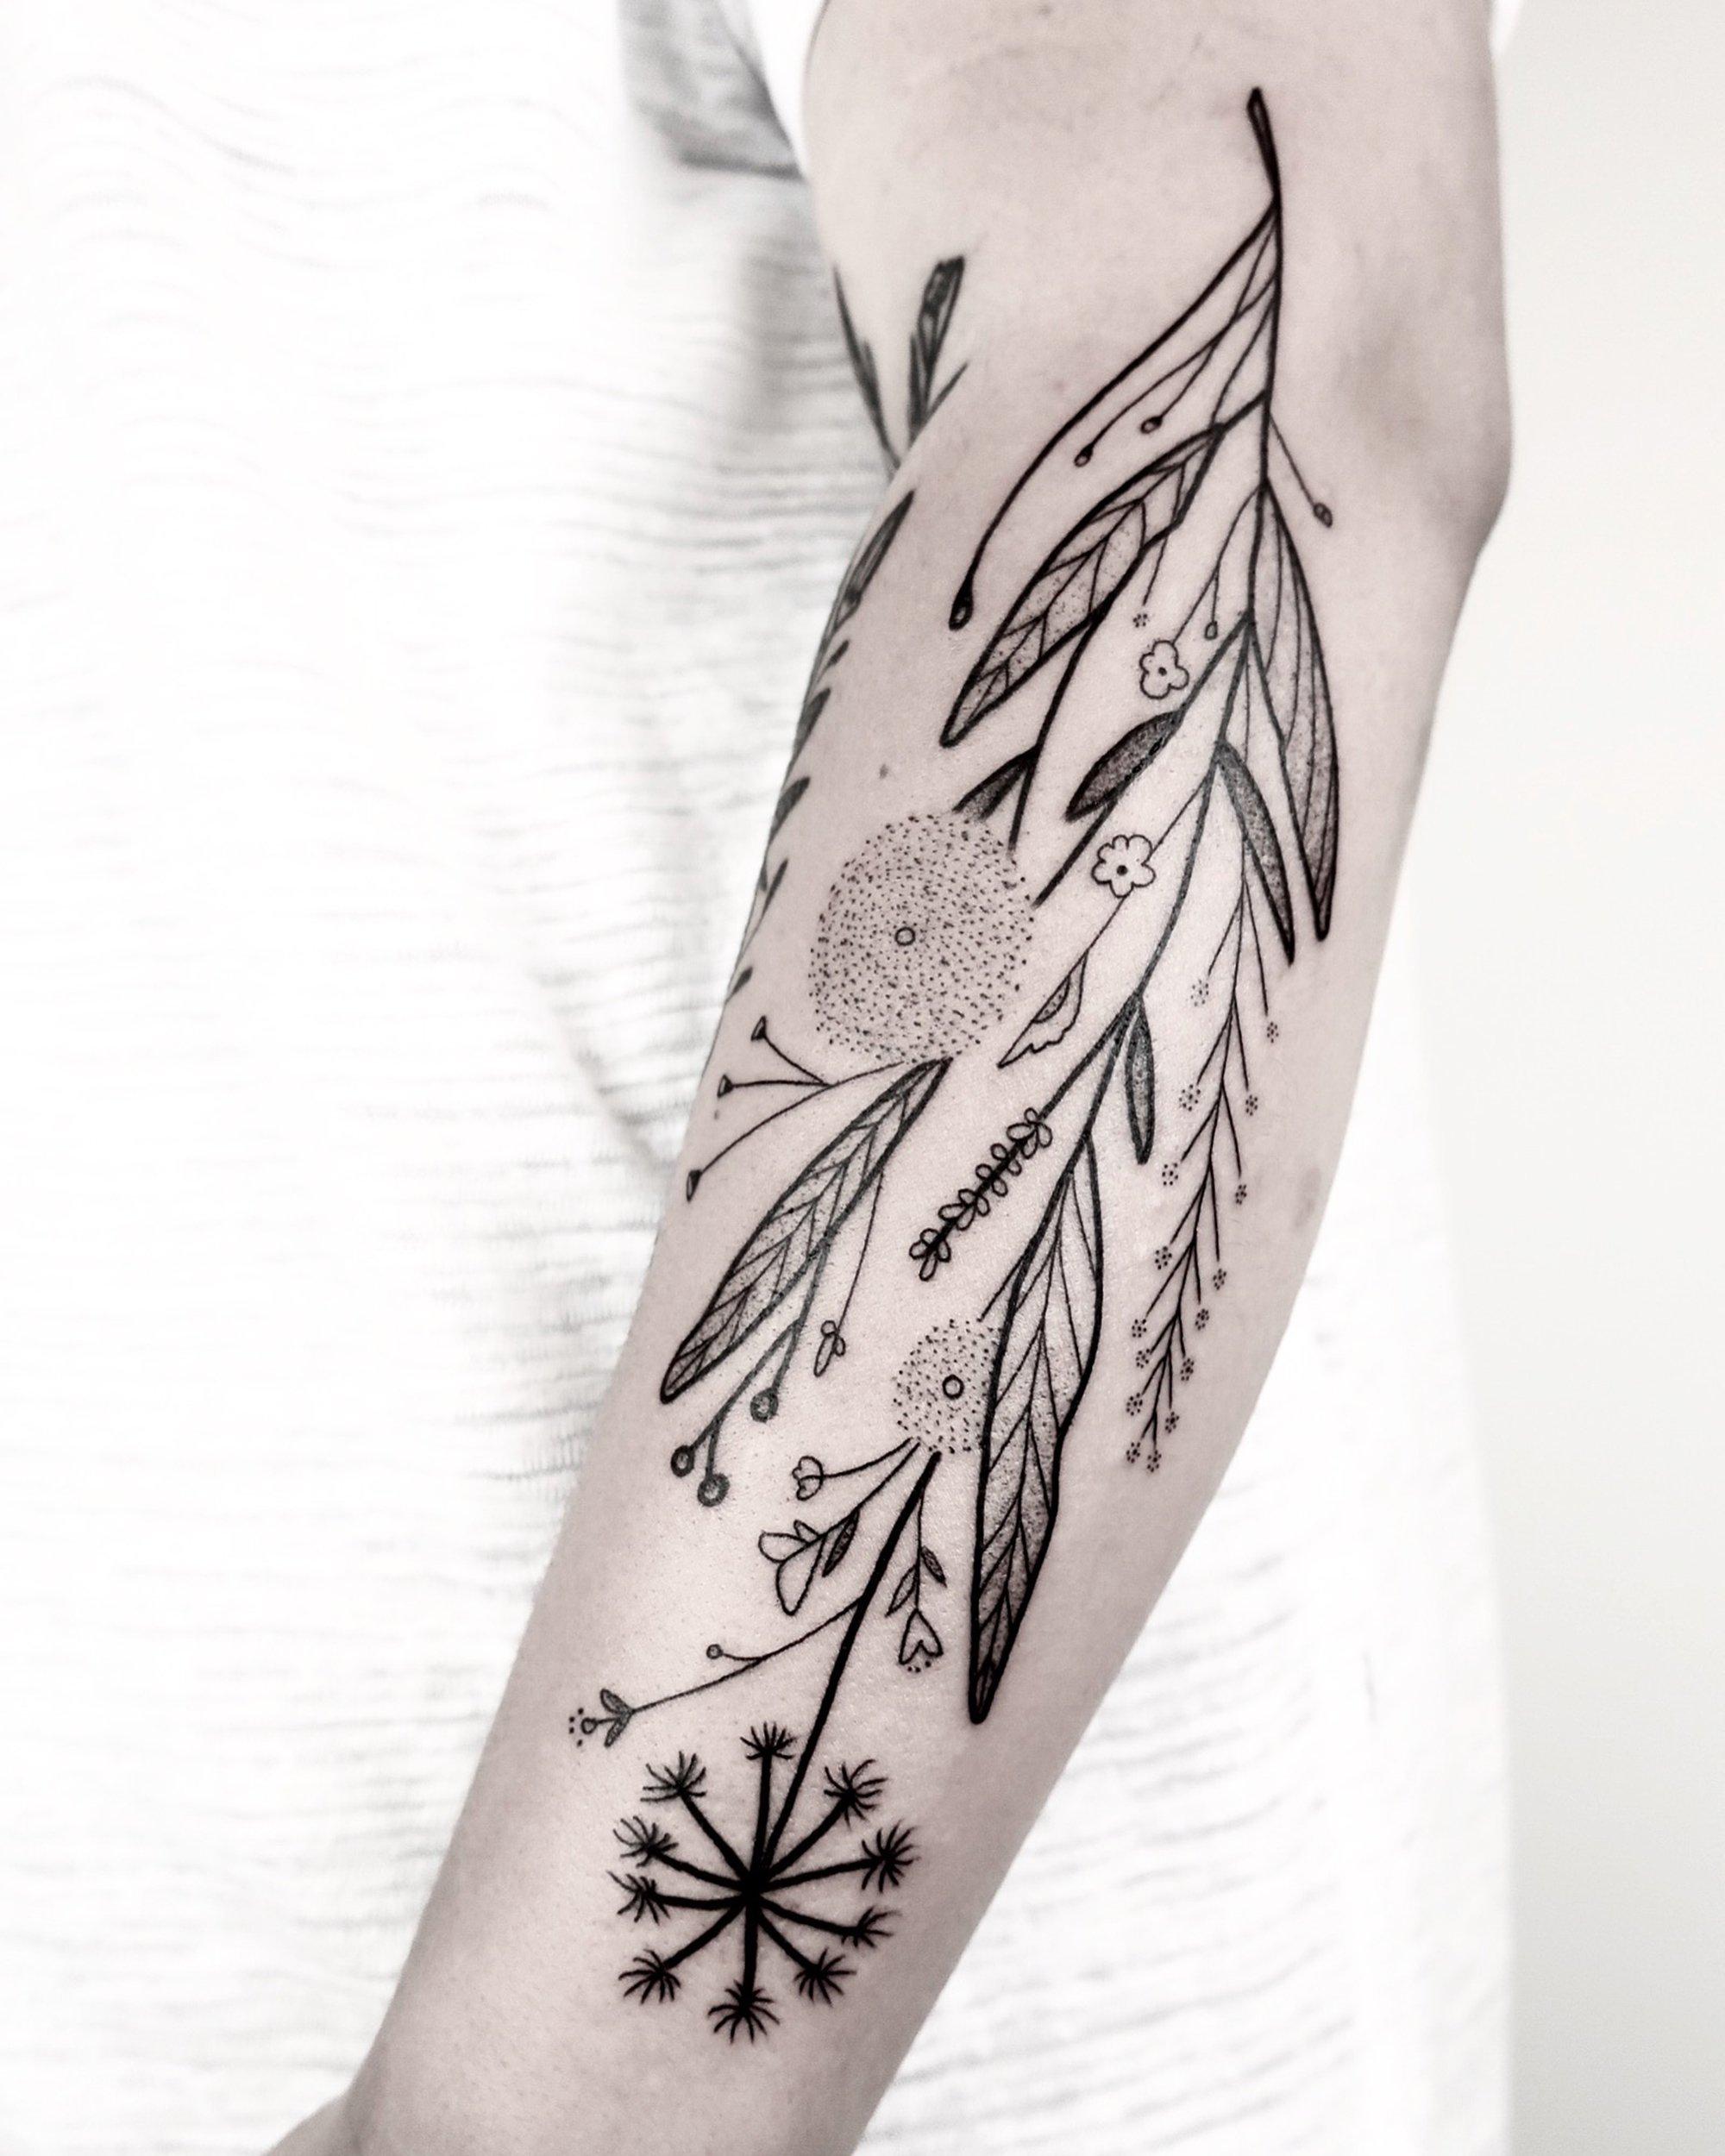 floral blackwork tattoo on arm